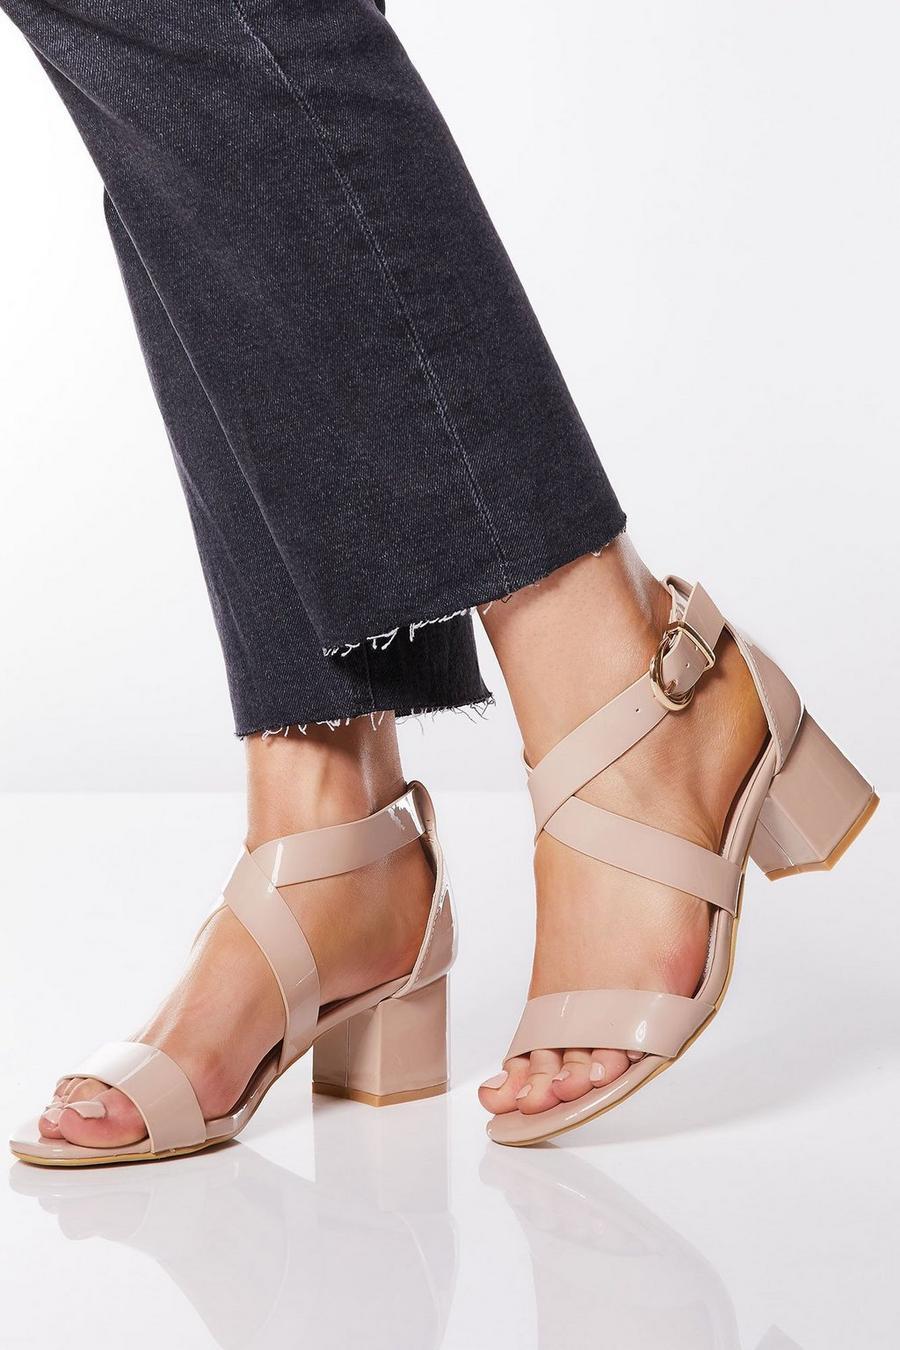 8ef3e6e73f4 Nude Patent Strap Heel Sandals